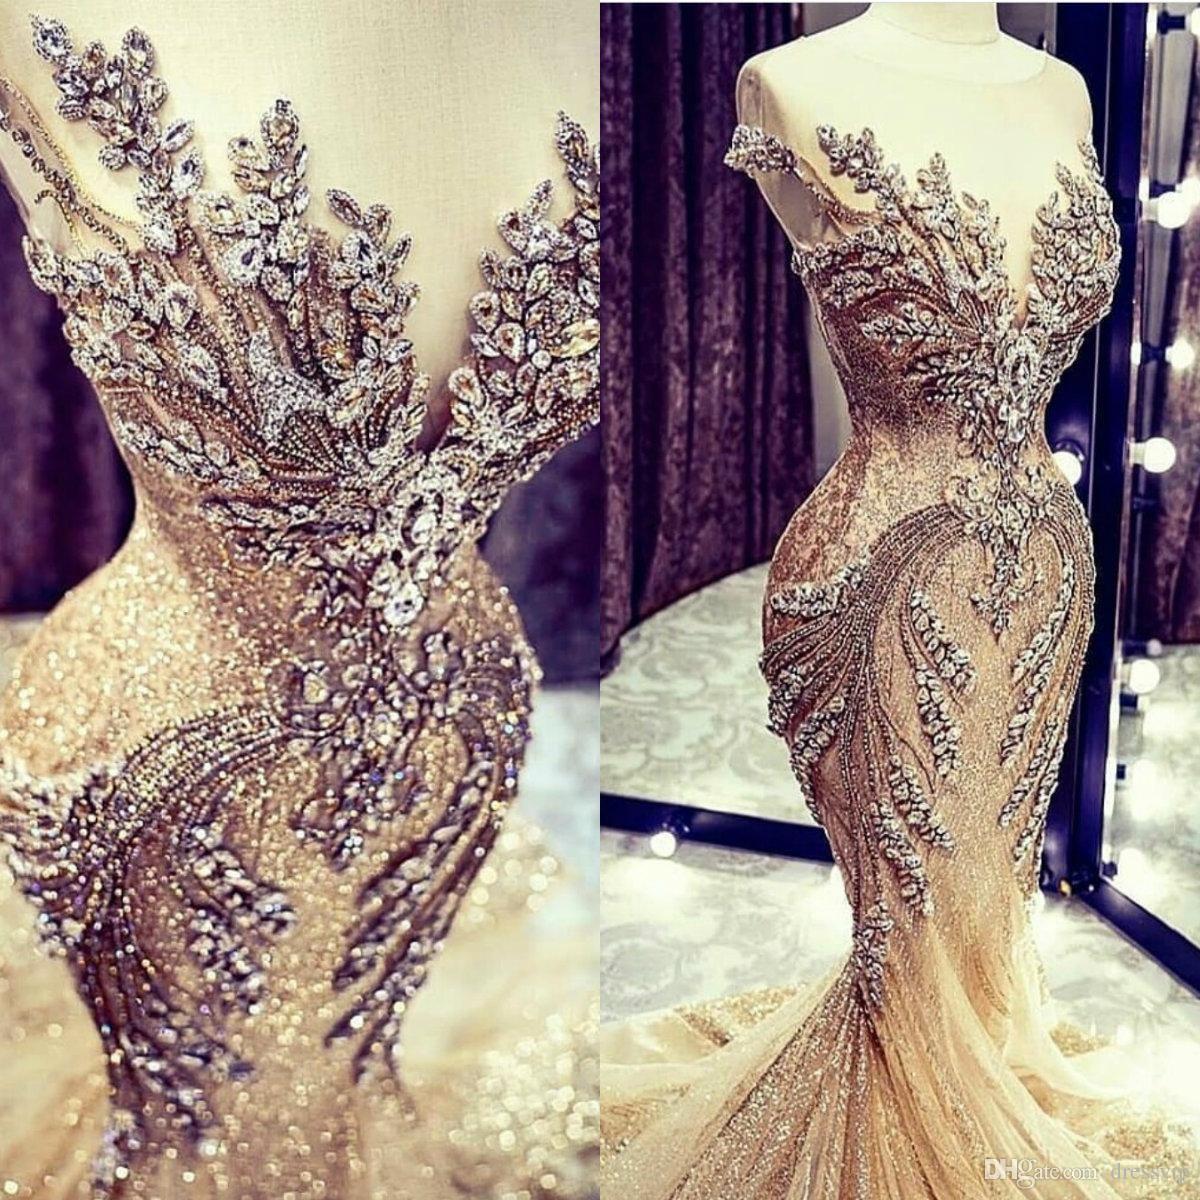 2020 Vestidos de Noite de Ouro de Luxo Vestidos de Cristal de Laço Lantejoul Sweep Train Formal Nupcial Pageant Prom Vestidos Feitos sob encomenda